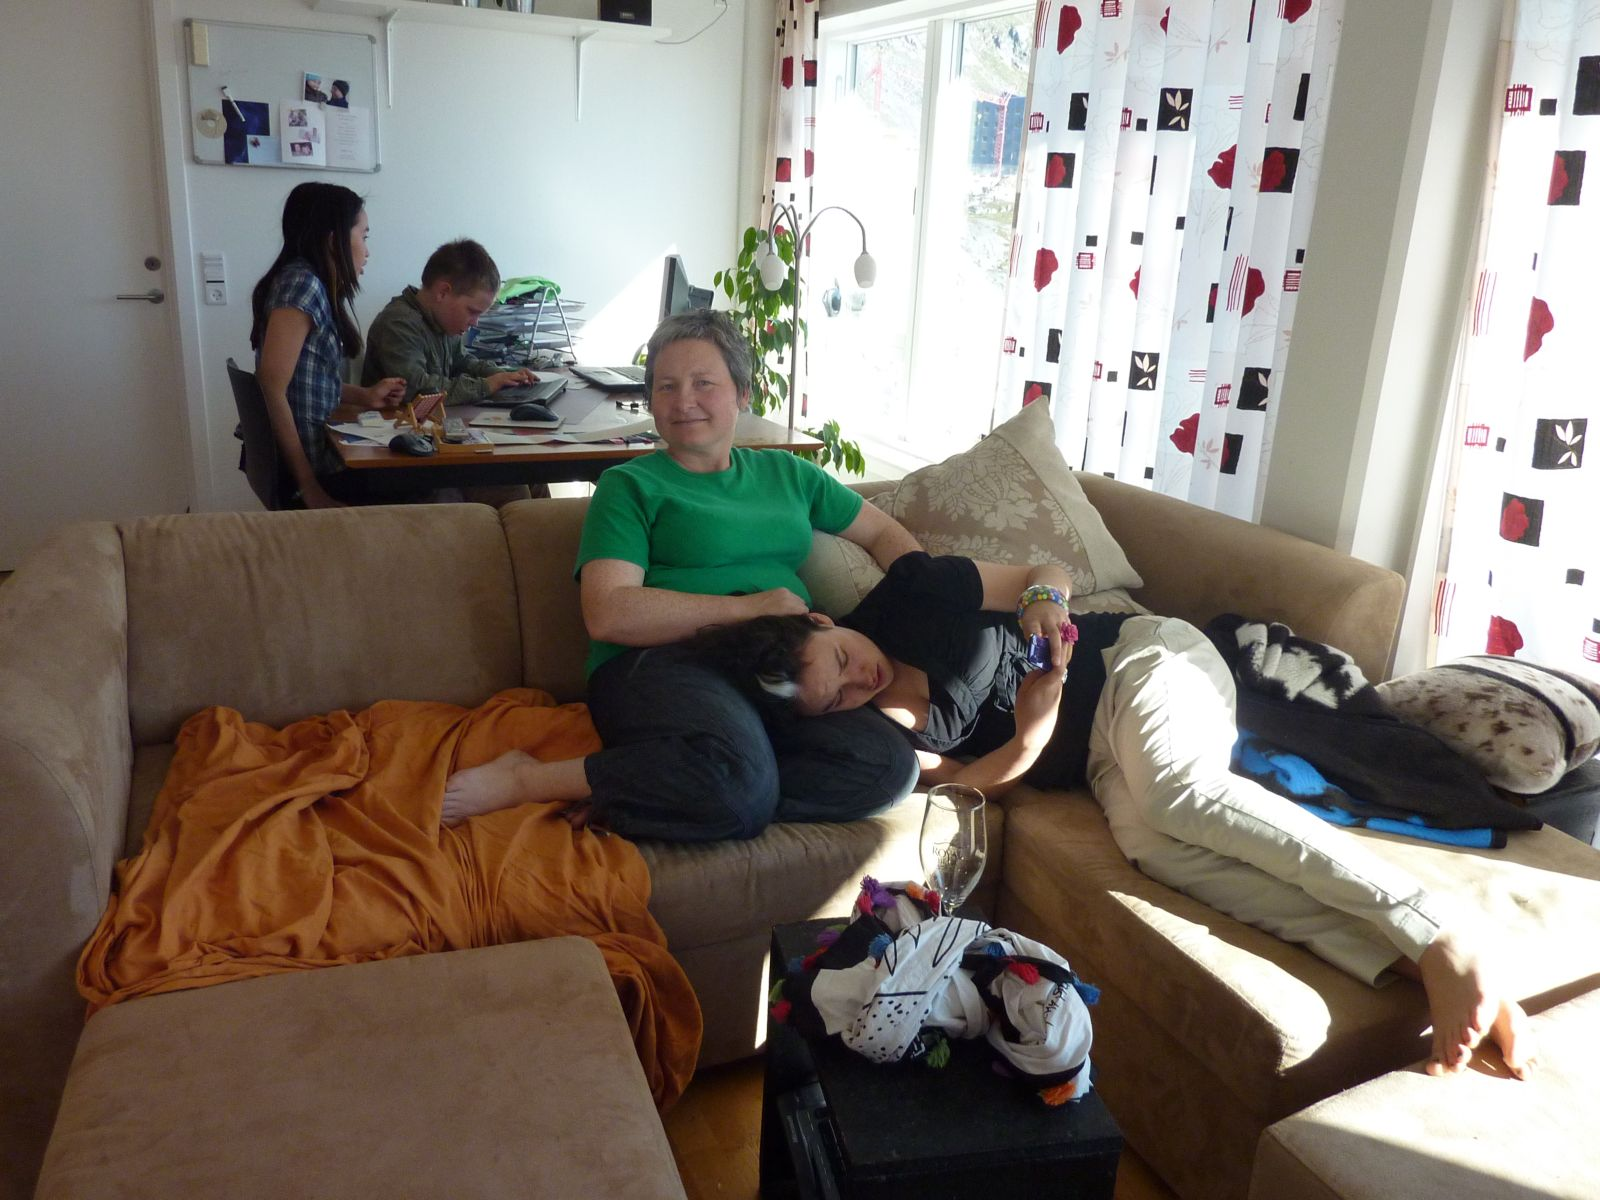 2010-07-06-1827_-_Arnannguaq Labansen; Ivalo Lynge Labansen; Mette Labansen; Rumle Labansen